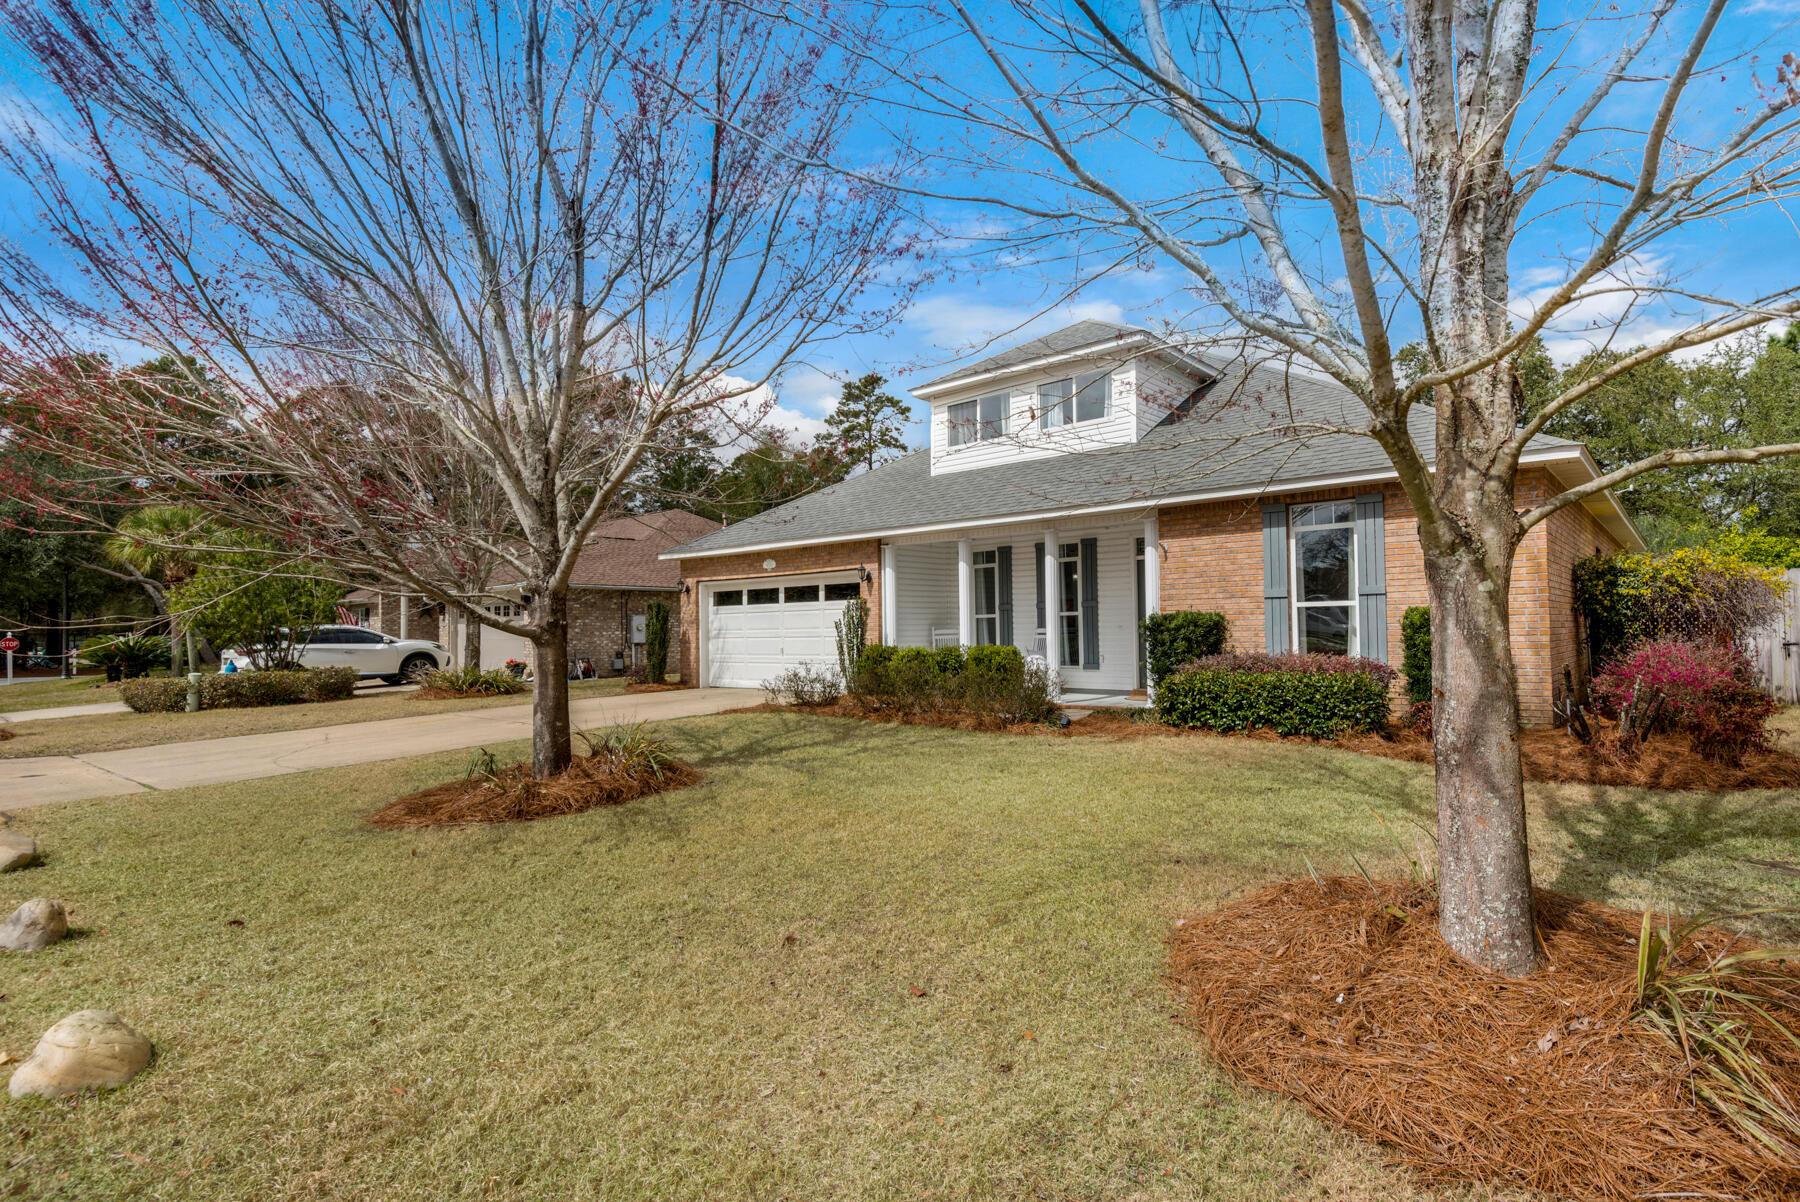 Photo of home for sale at 4551 Castlewood, Niceville FL